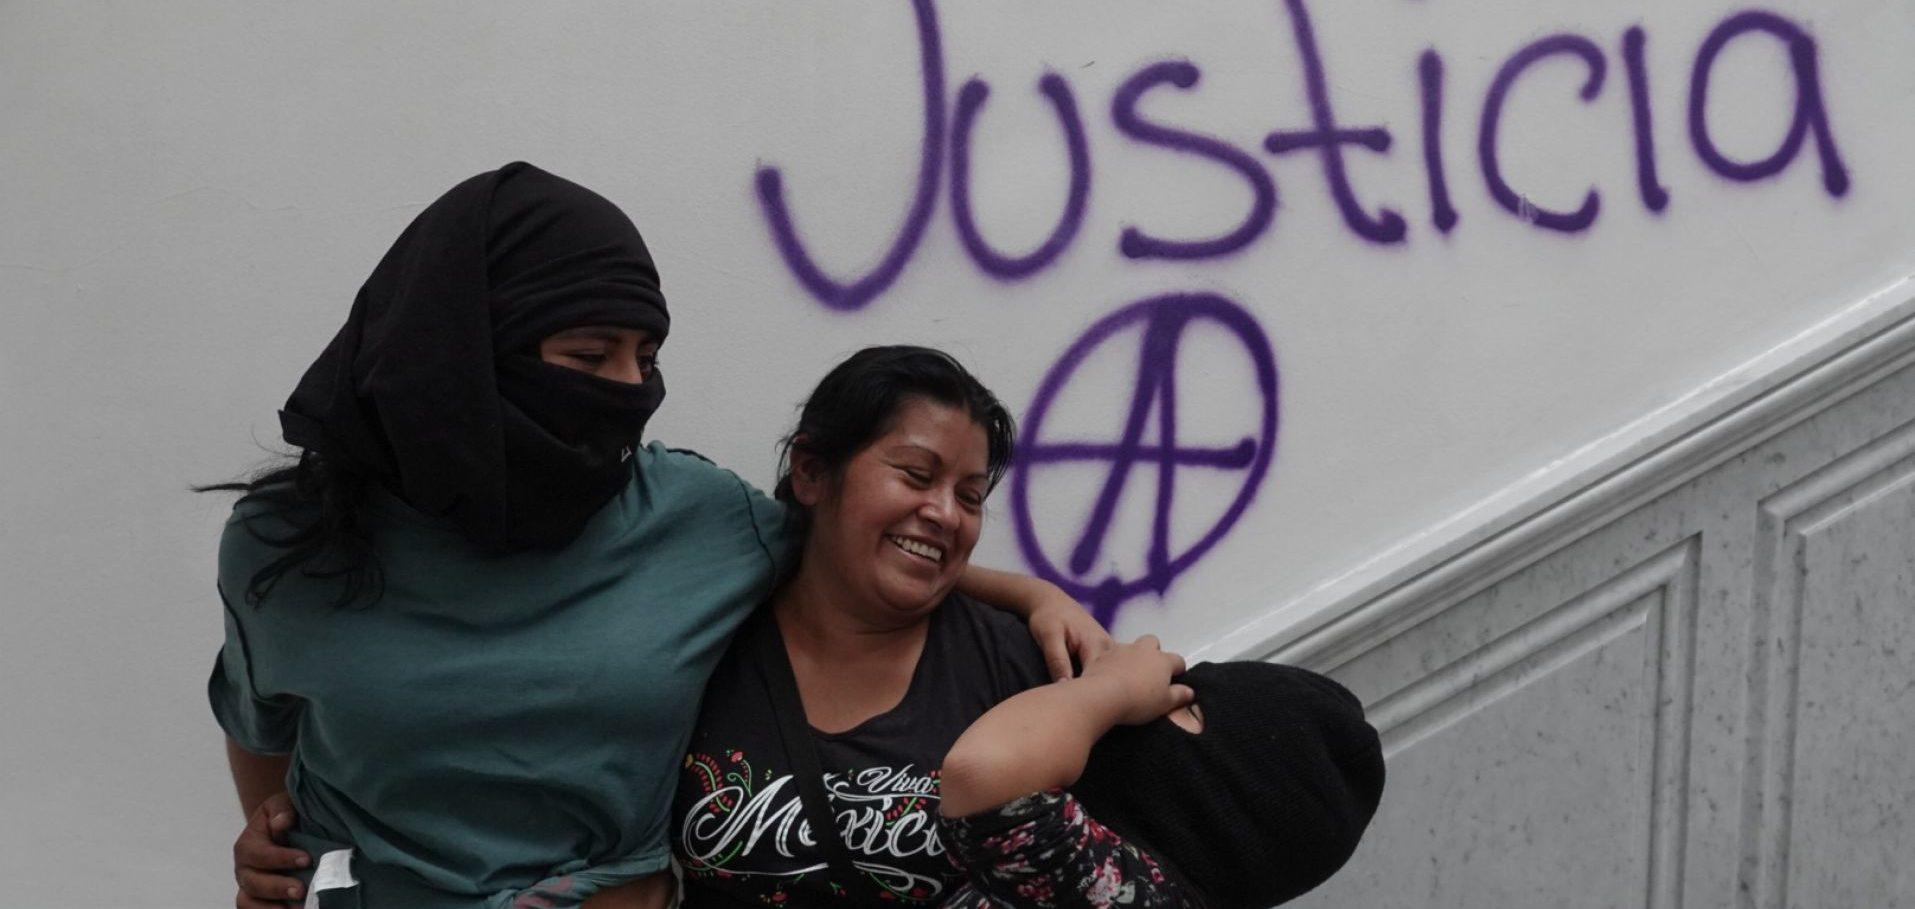 Fiscalía de la CDMX abre investigación contra Erika Martínez, vocera de la toma de la CNDH